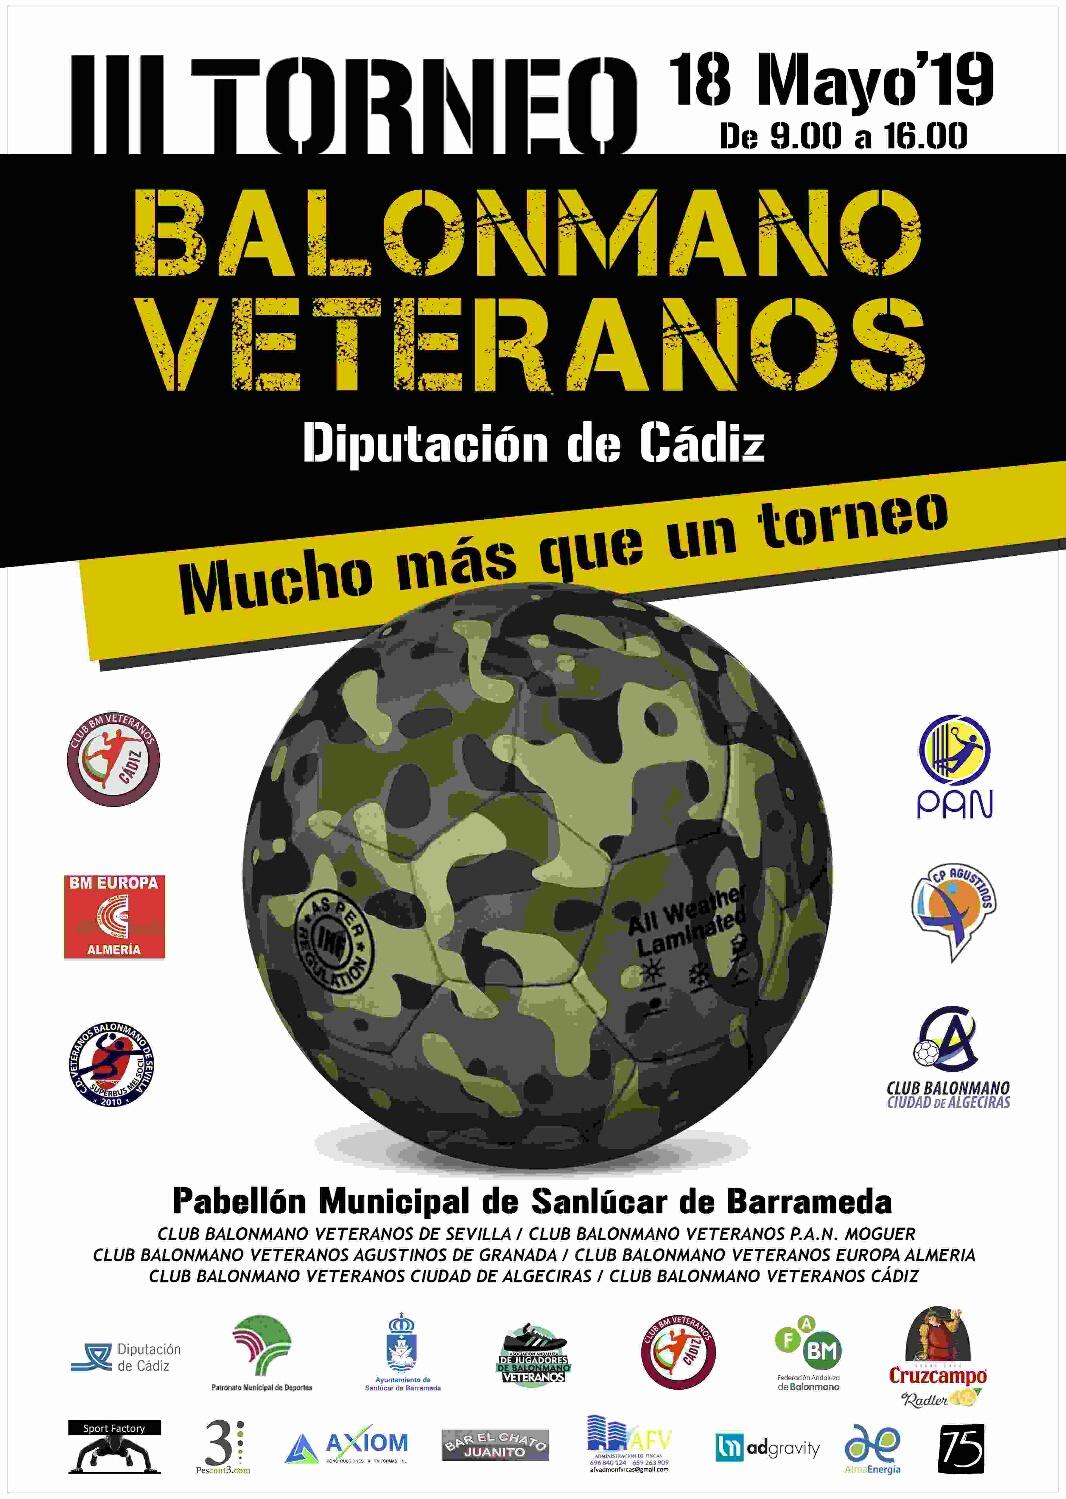 Sanlucar de Barrameda lll Torneo balonmano veteranos Cádiz,